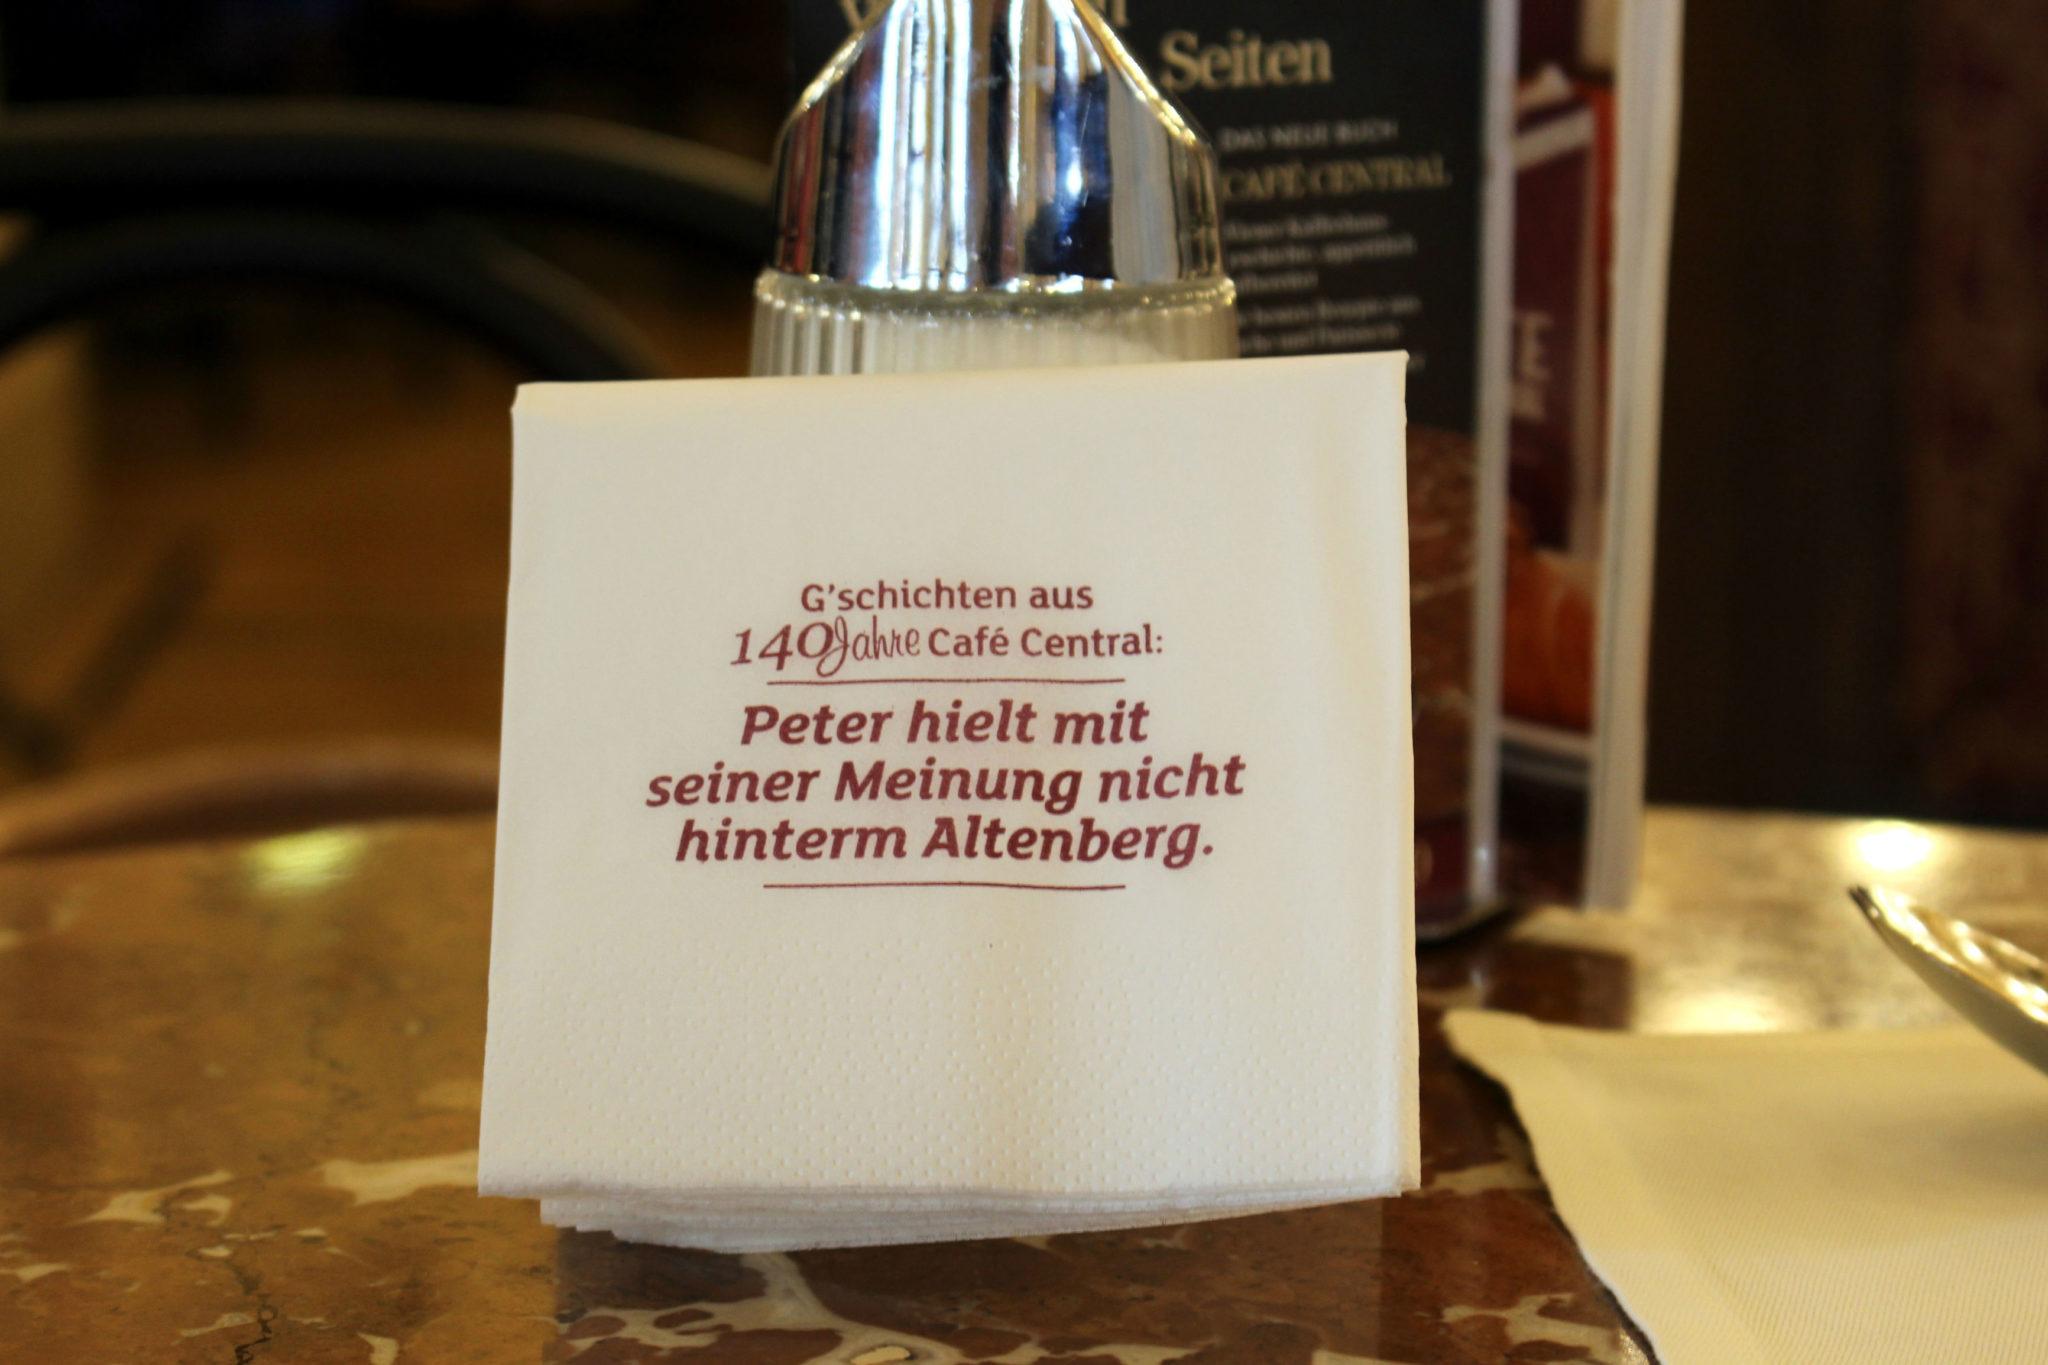 Najwierniejszym gościem Cafe Central był pisarz Peter Altenberg, który zadomowił się tam do tego stopnia, że pocztę dostarczano mu właśnie do kawiarni.